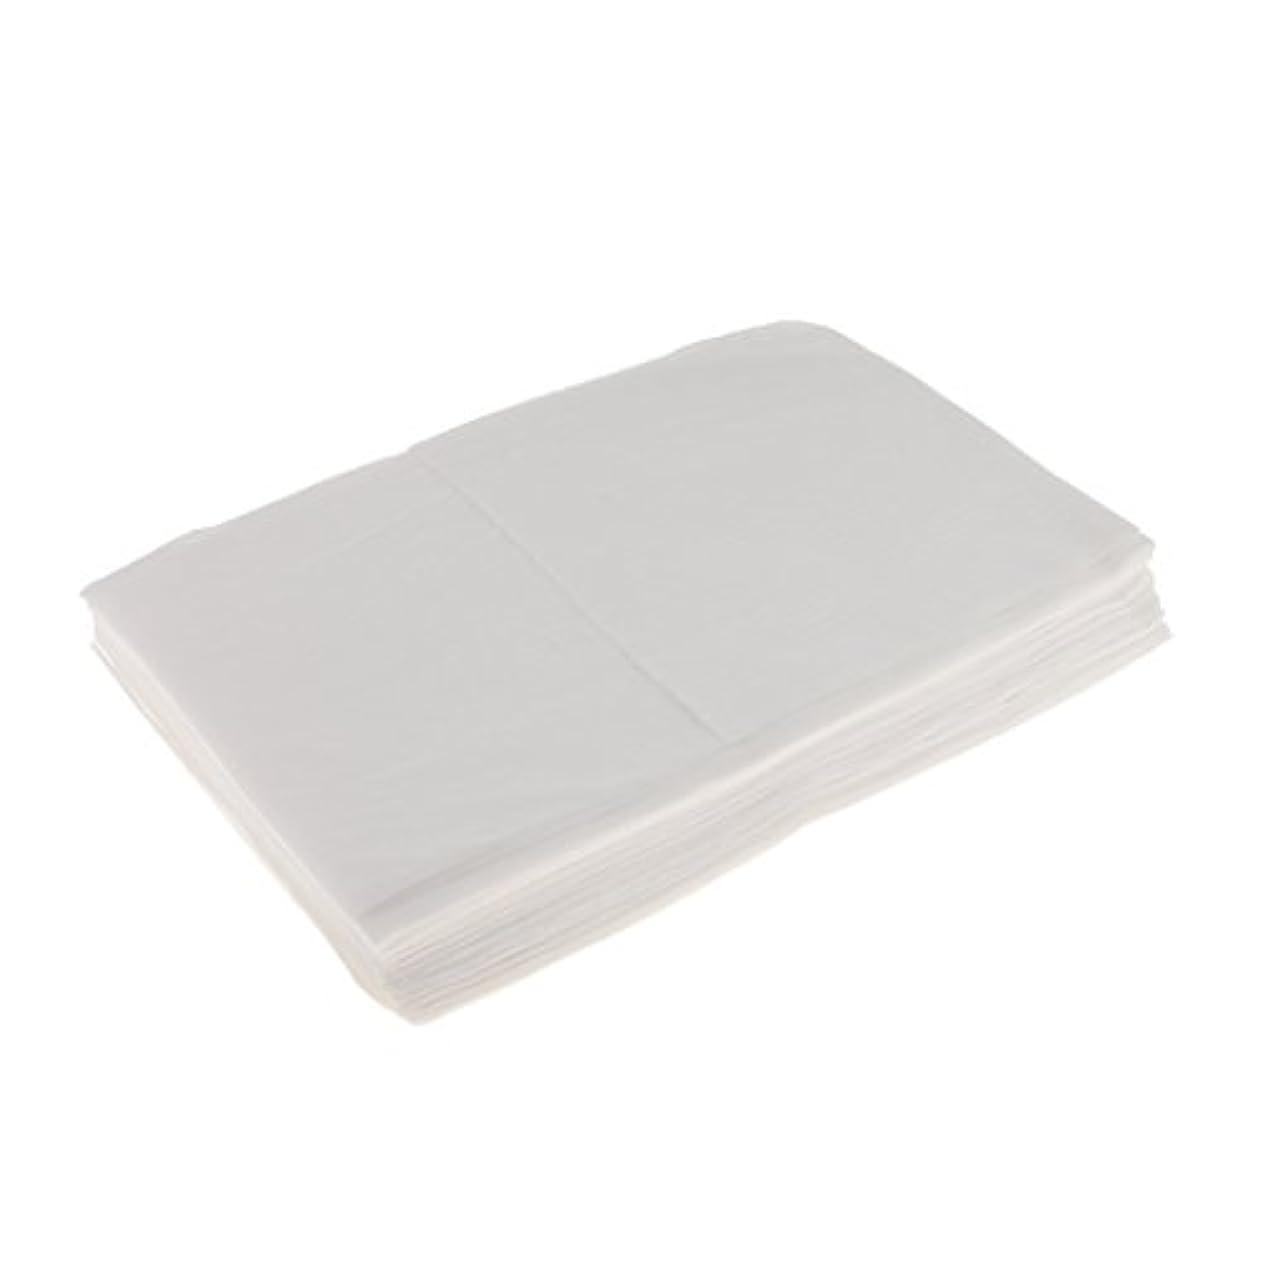 ハードリング系譜コールドPerfk 10枚 使い捨て ベッドシーツ 美容 マッサージ サロン ホテル ベッドパッド カバー シート 2色選べ - 白